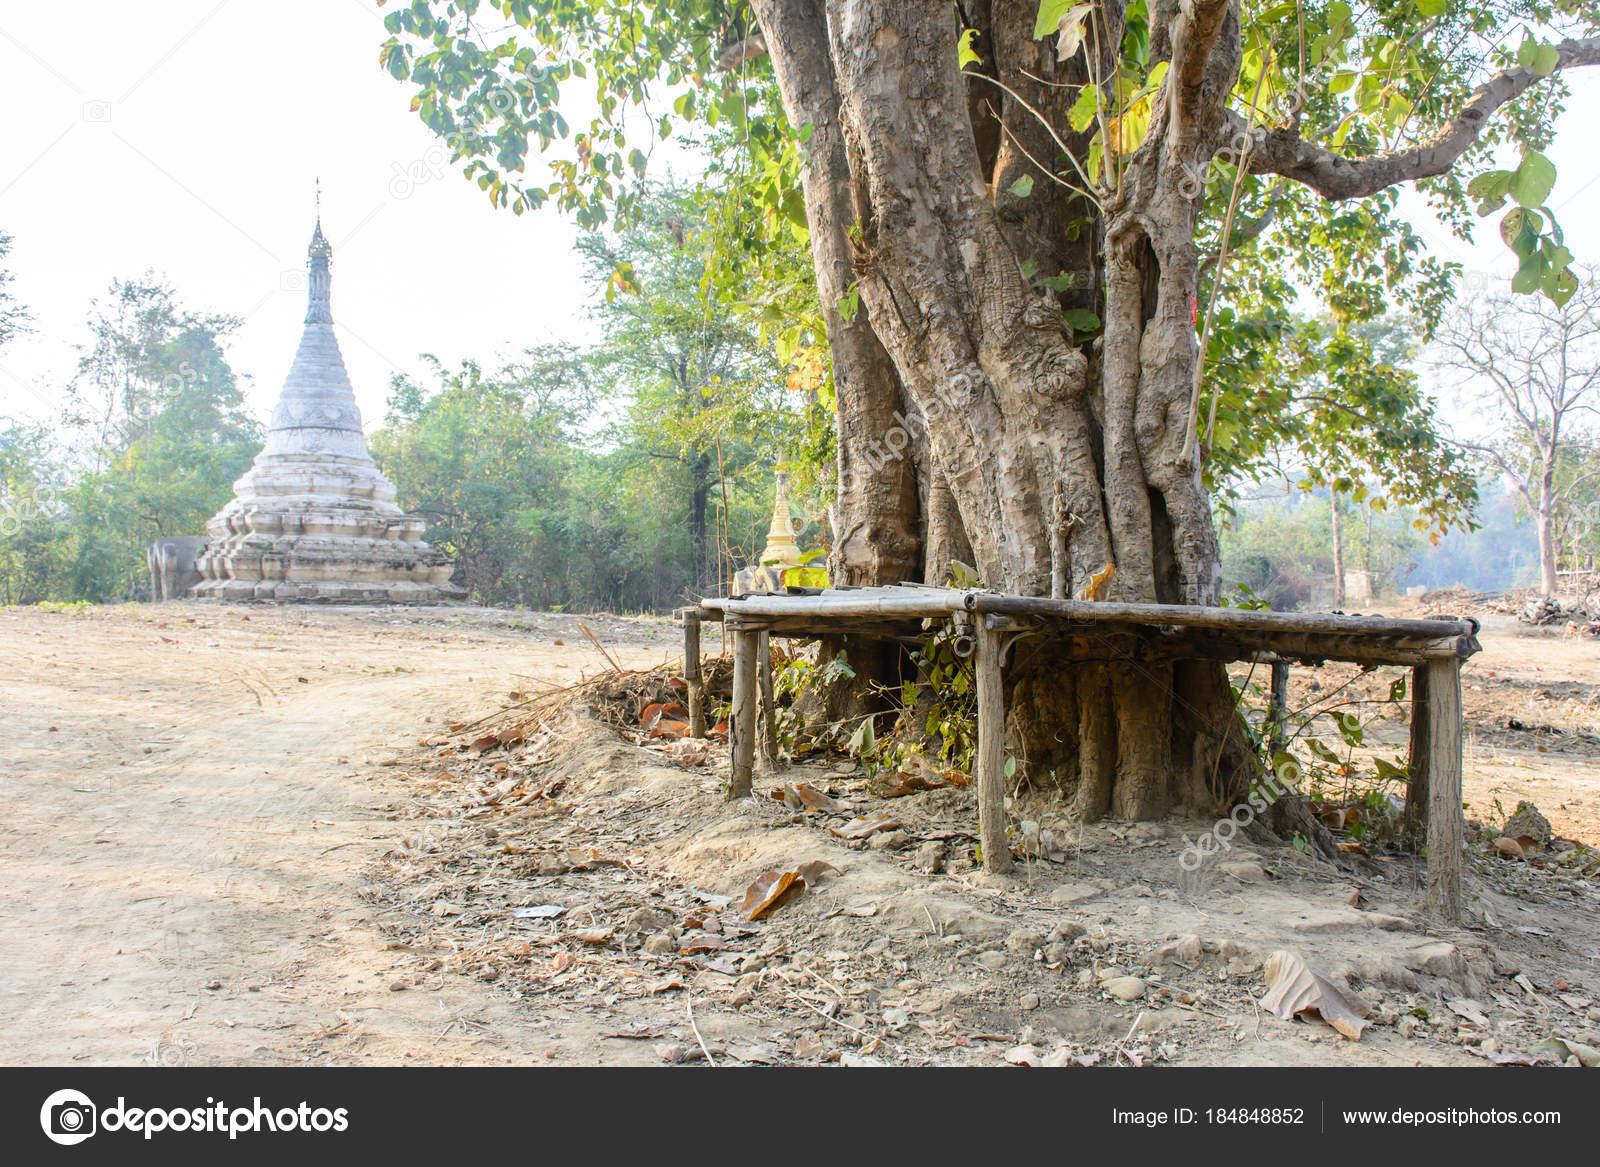 Rural Voir De La Pagode Arbre Et Banc Photographie Aungmyintmyat